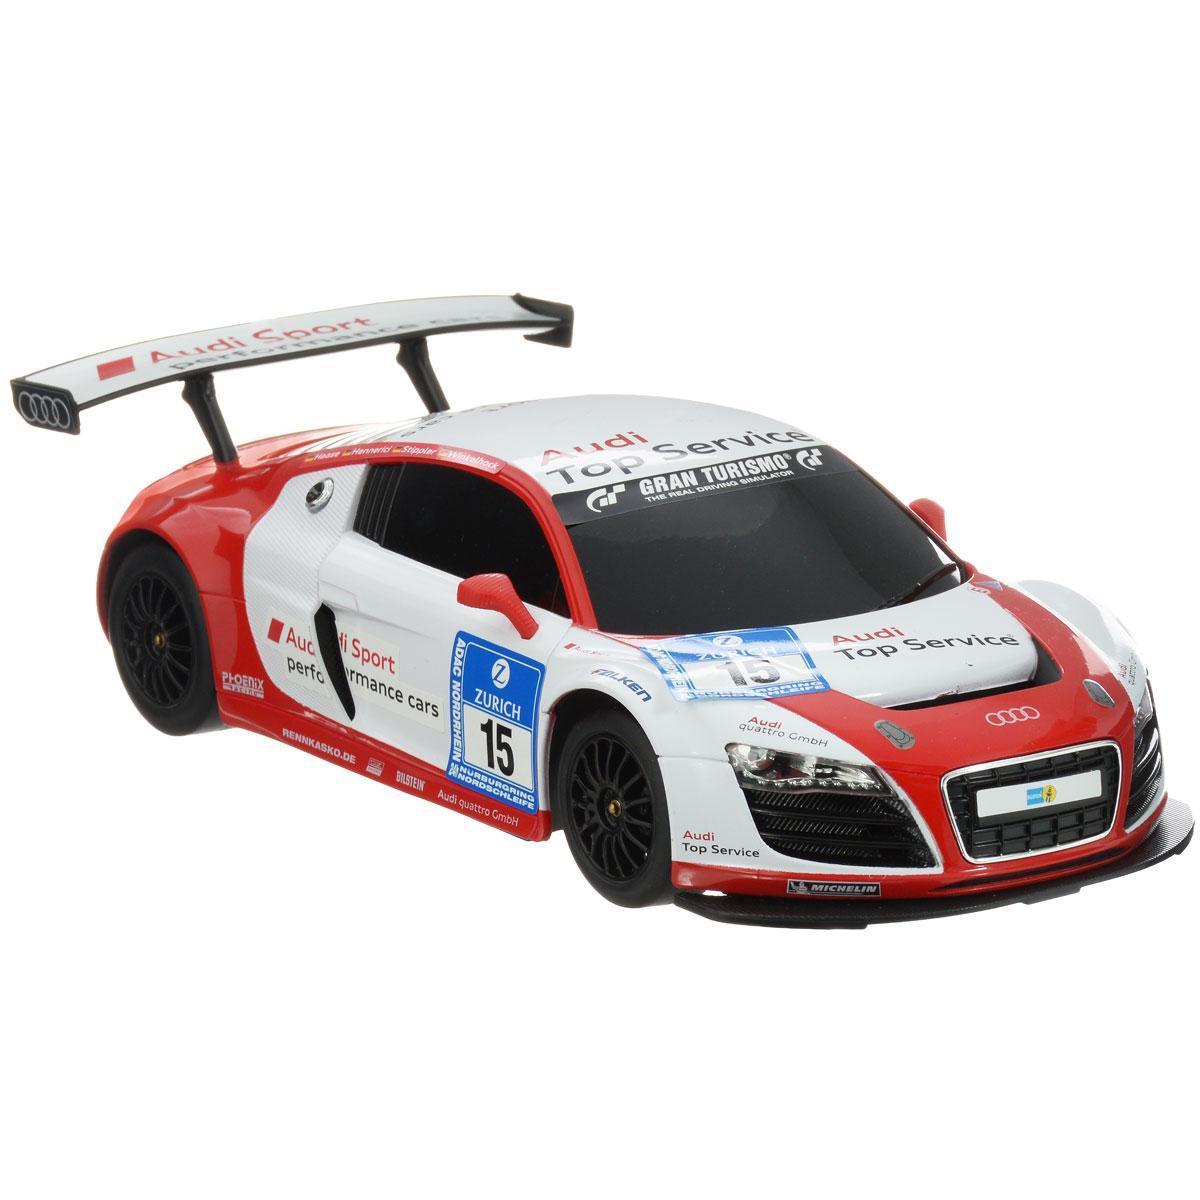 Rastar Радиоуправляемая модель с рулем Audi R8 LMS цвет белый красный масштаб 1:1853610-8Все дети хотят иметь в наборе своих игрушек ослепительные, невероятные и крутые автомобили на радиоуправлении. Тем более если это автомобиль известной марки с проработкой всех деталей, удивляющий приятным качеством и видом. Одной из таких моделей является автомобиль на радиоуправлении Audi R8 LMS. Это точная копия настоящего авто в масштабе 1:18. Авто обладает неповторимым провокационным стилем и спортивным характером. А серьезные габариты придают реалистичность в управлении. Автомобиль отличается потрясающей маневренностью, динамикой и покладистостью. Особенности электромобиля Audi R8 LMS: Машина может осуществлять движение вперед, назад, вправо и влево, при движении назад у нее загораются стоп-сигналы, при движении вперед - горят фары. Радиус действия пульта до 45 метров. Пульт радиоуправления на частоте 27MHz. Максимальная скорость: 12 км/ч. Комплект: машинка, пульт управления. Тип батареек: 3 x AA/LR6 1.5V, 1 x 9V типа Крона( в набор не входят)....